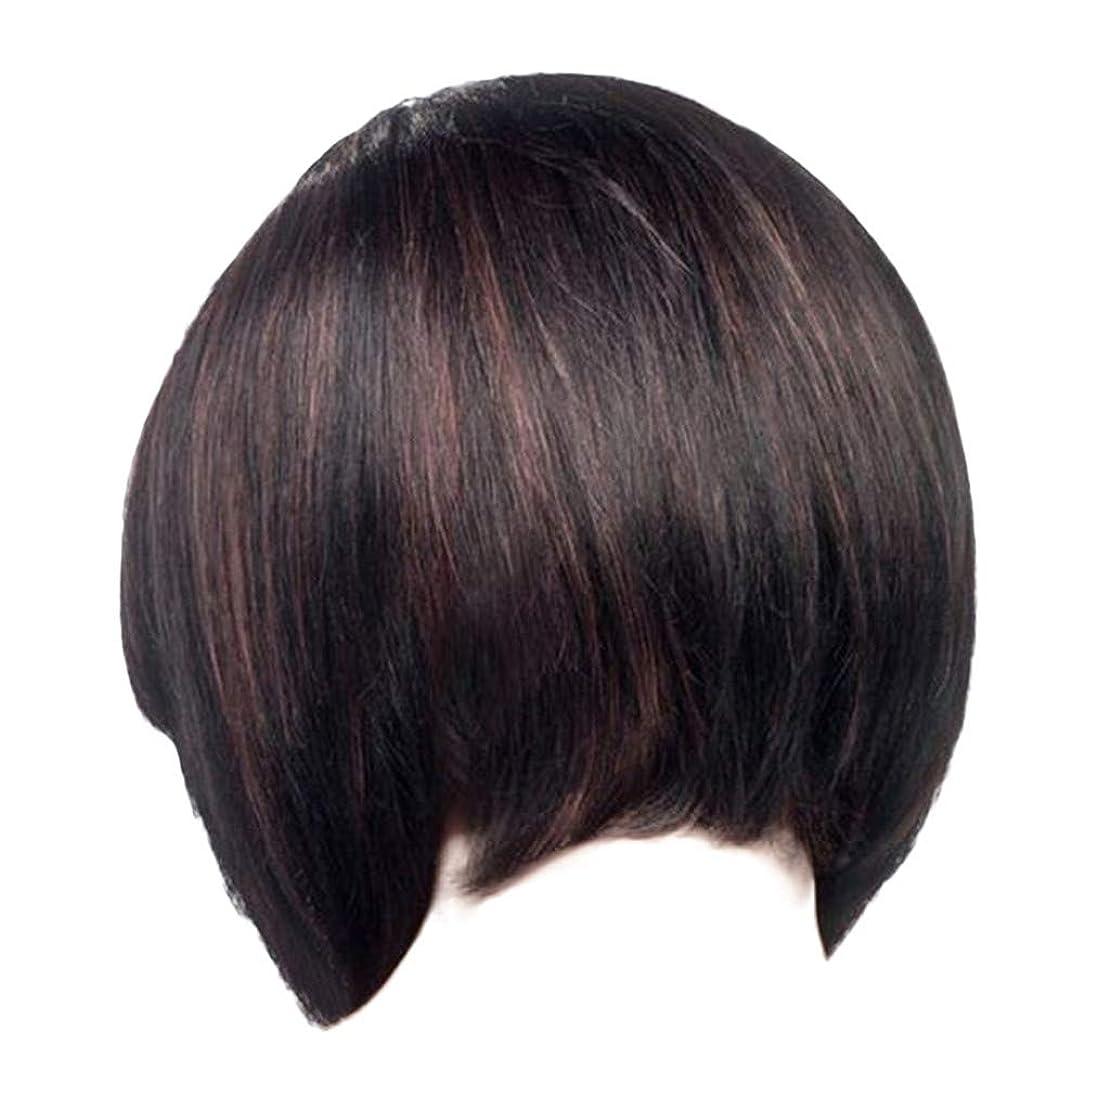 天窓ペルセウスベーコンウィッグレディースファッションブラックショートストレートヘアナチュラルウィッグローズヘアネット